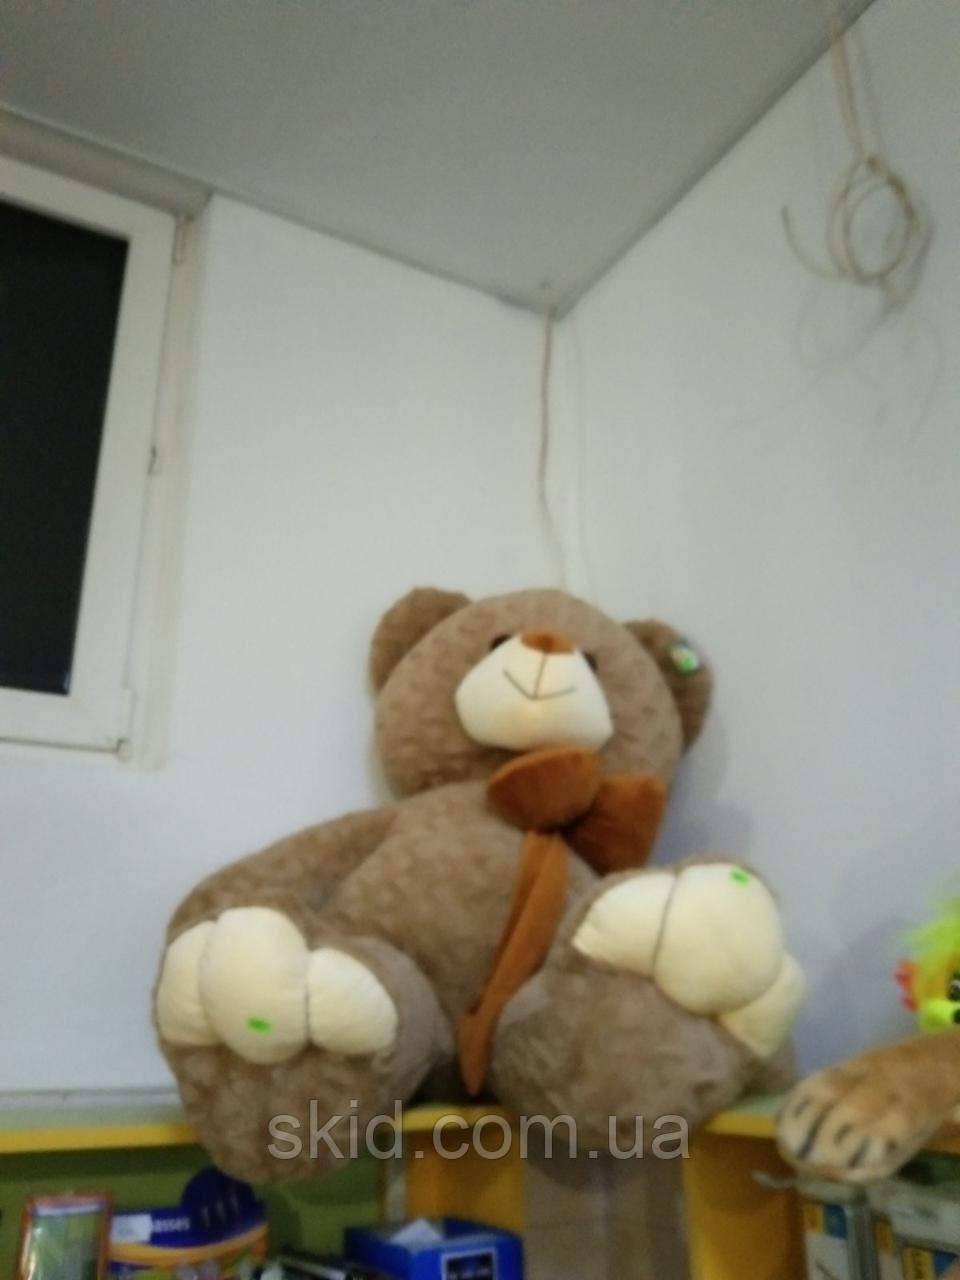 Великий плюшевий ведмедик